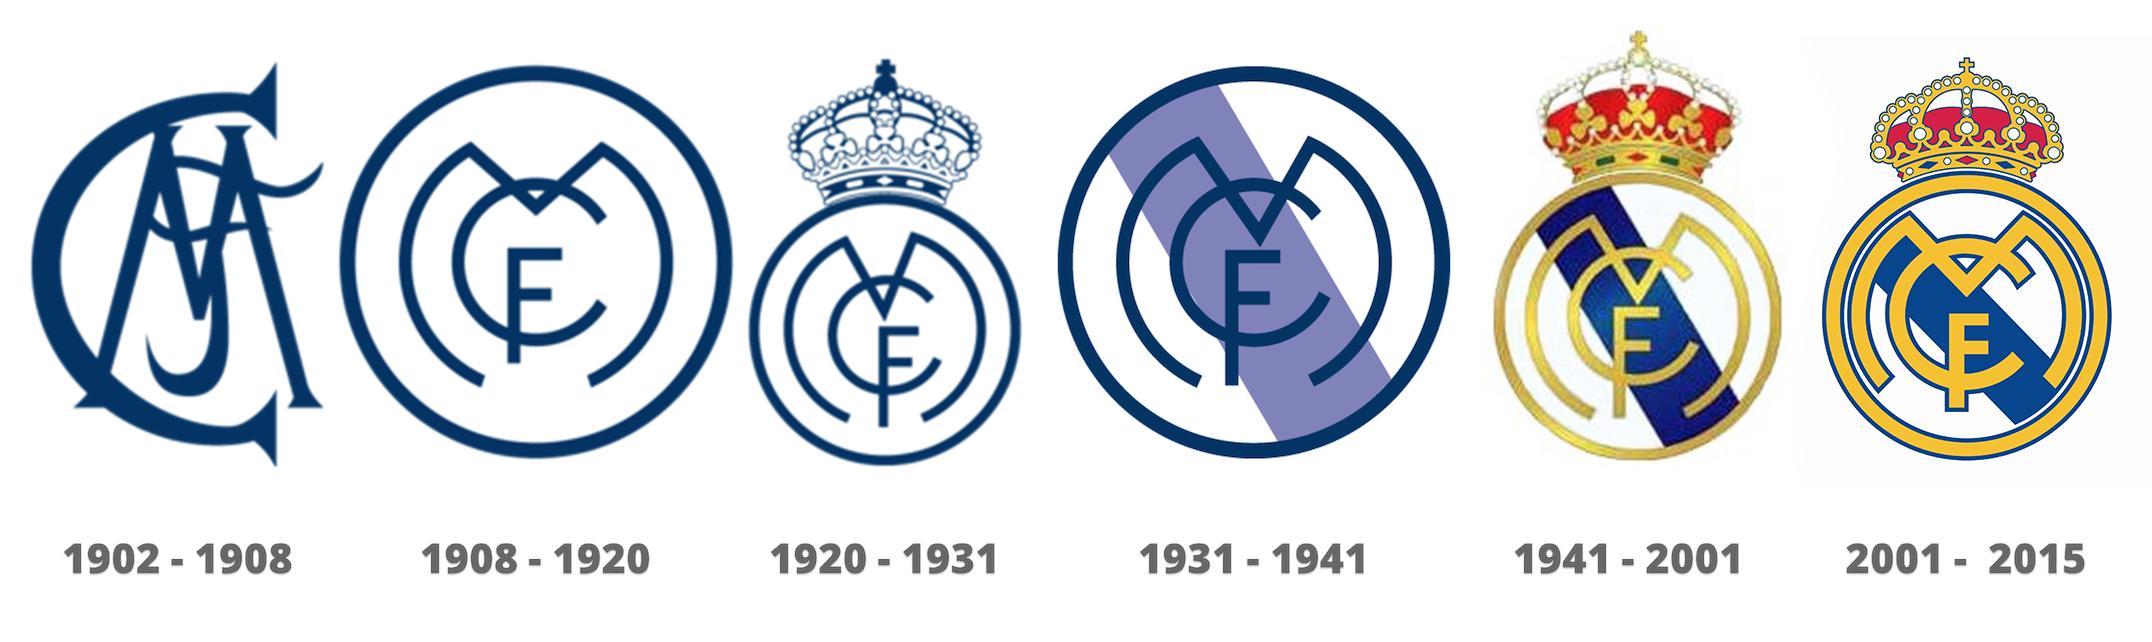 historia-real-madrid-evolucion-escudo-logotipo-imagen-marca